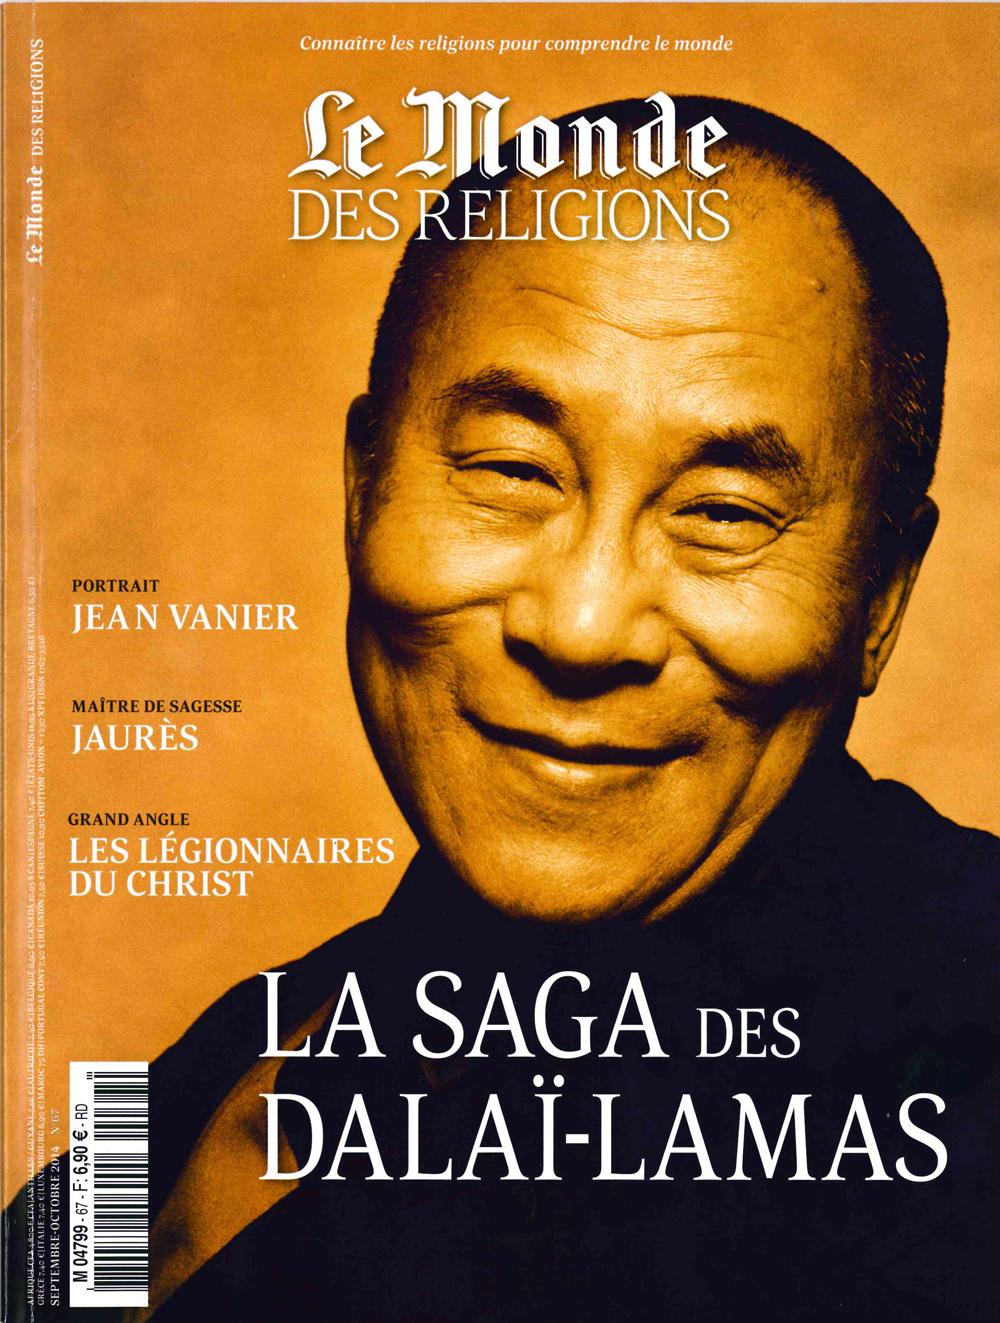 Article dans le Monde des religions